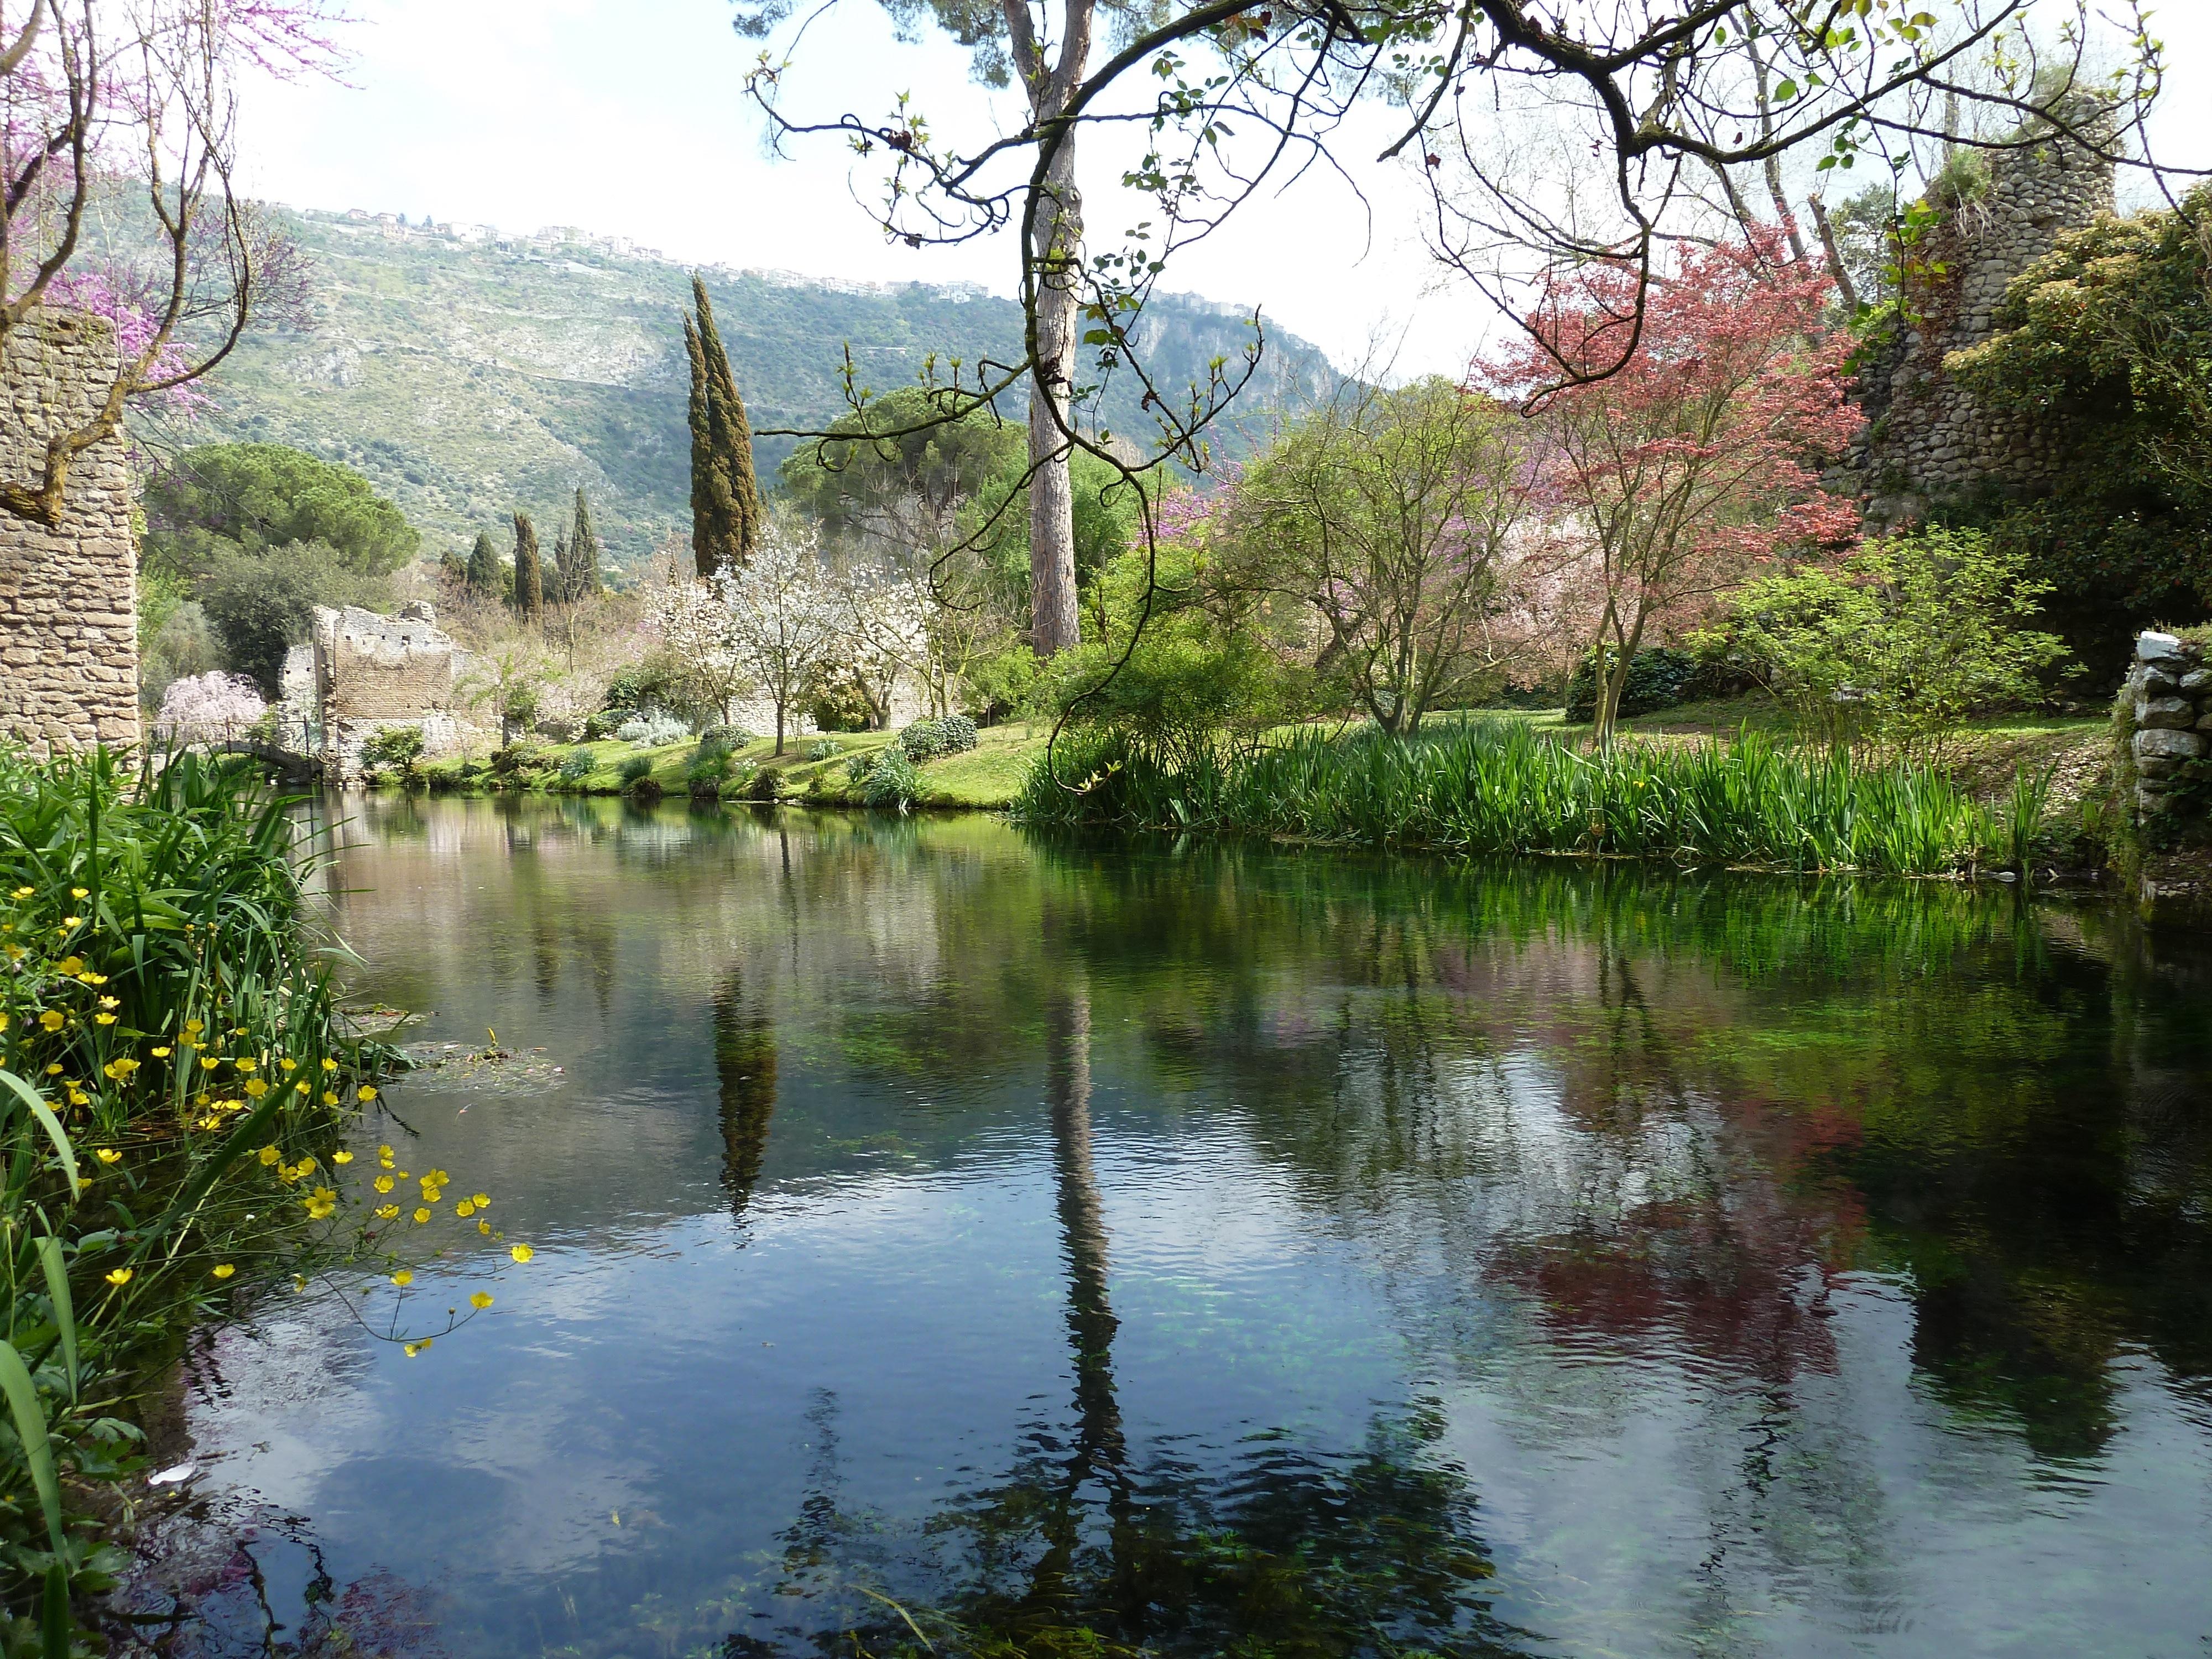 Gita fuori porta l 39 incantevole giardino di ninfa unipolsai roma assicurazioni roma unipol - I giardini di ninfa ...